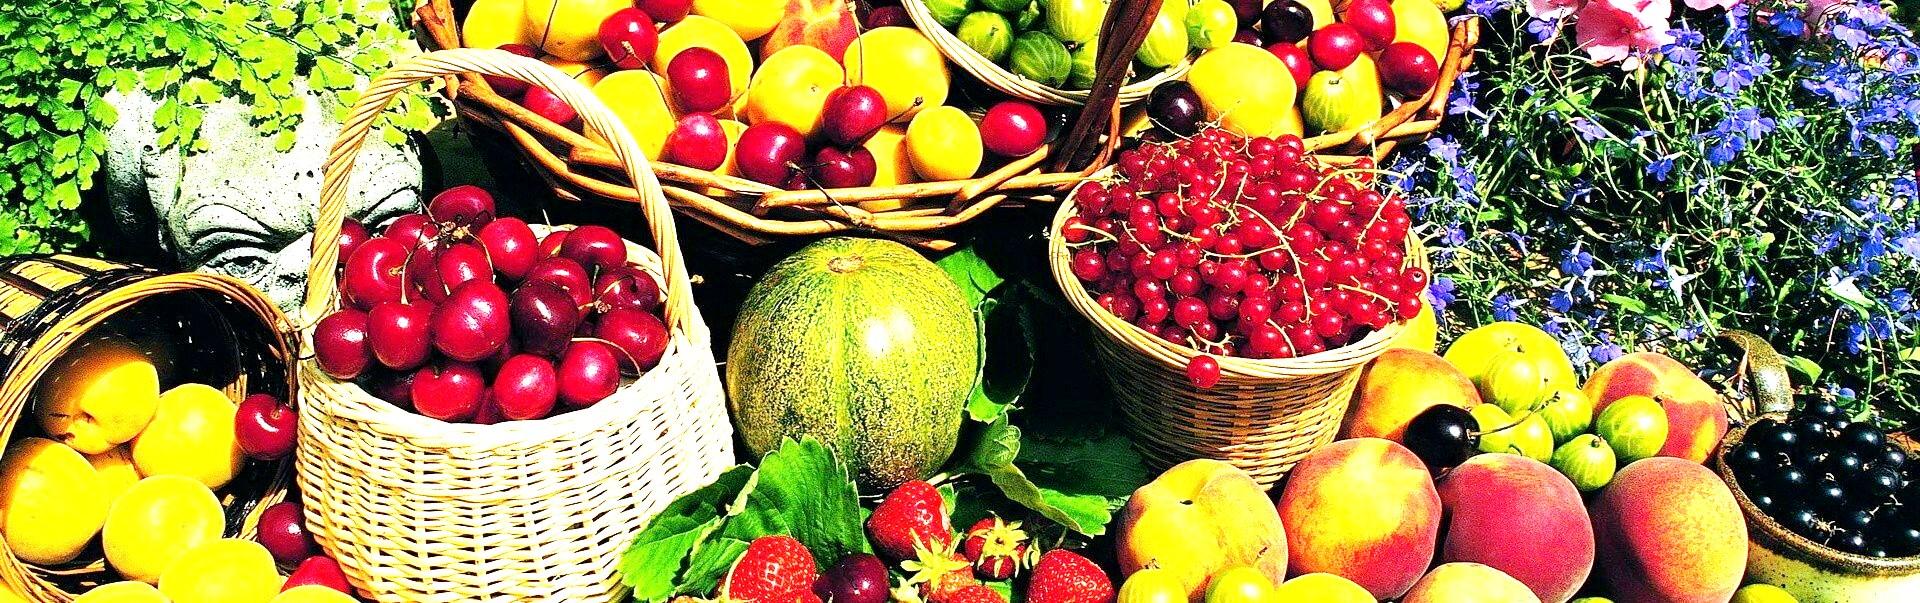 купить удобрение байкал-эм 1 компании Арго для выращивания овощей и фруктов, хорошего урожая